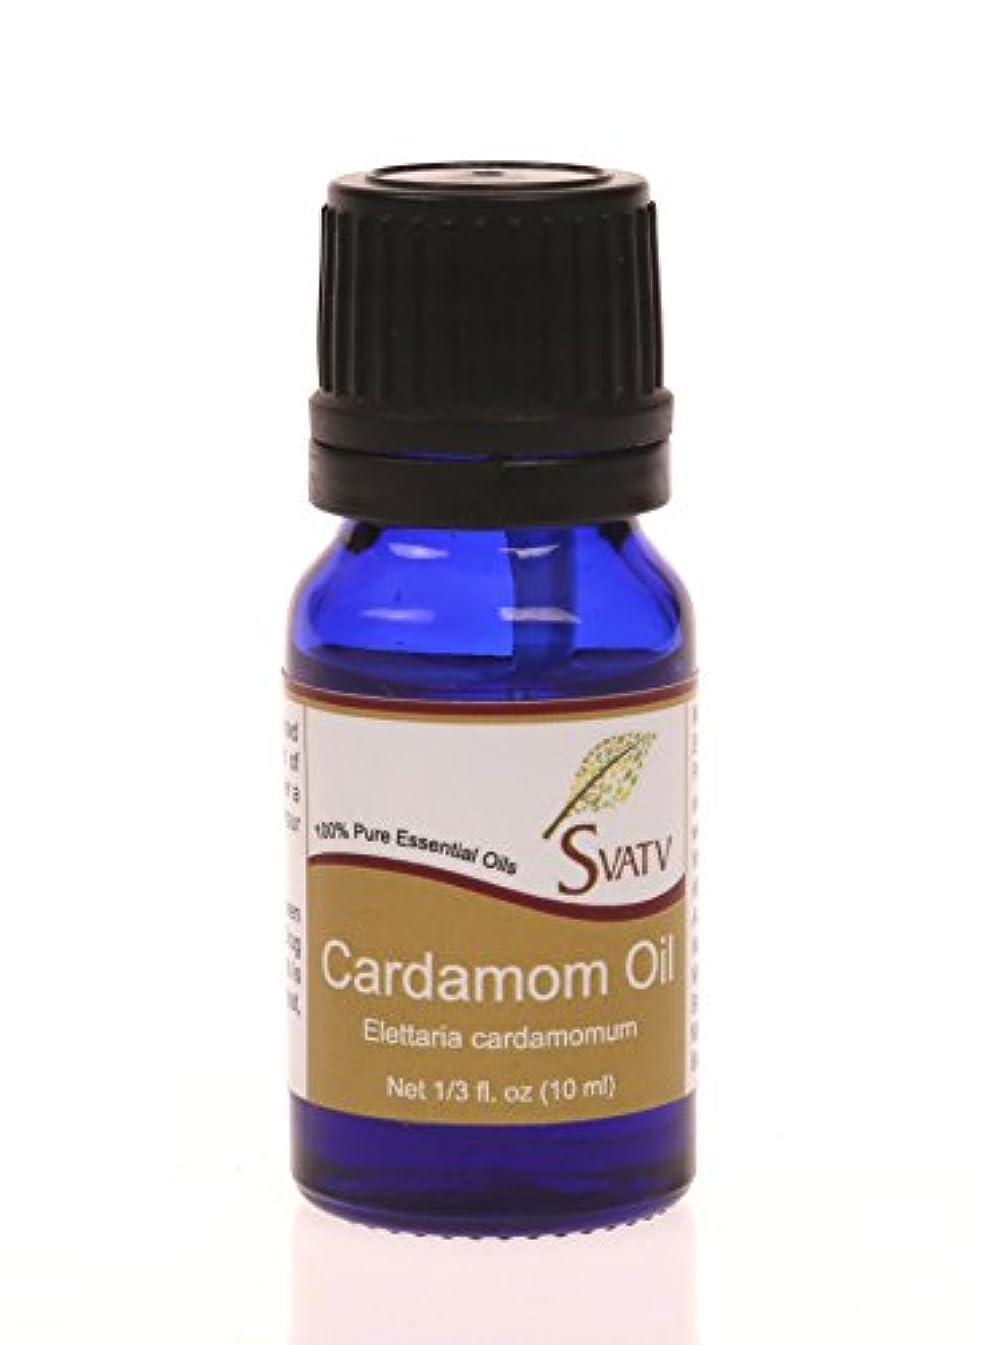 適度なパーフェルビッド公SVATVカルダモン(Elettaria cardamomum)エッセンシャルオイル10mL(1/3オンス)100%純粋で無希釈、治療グレード